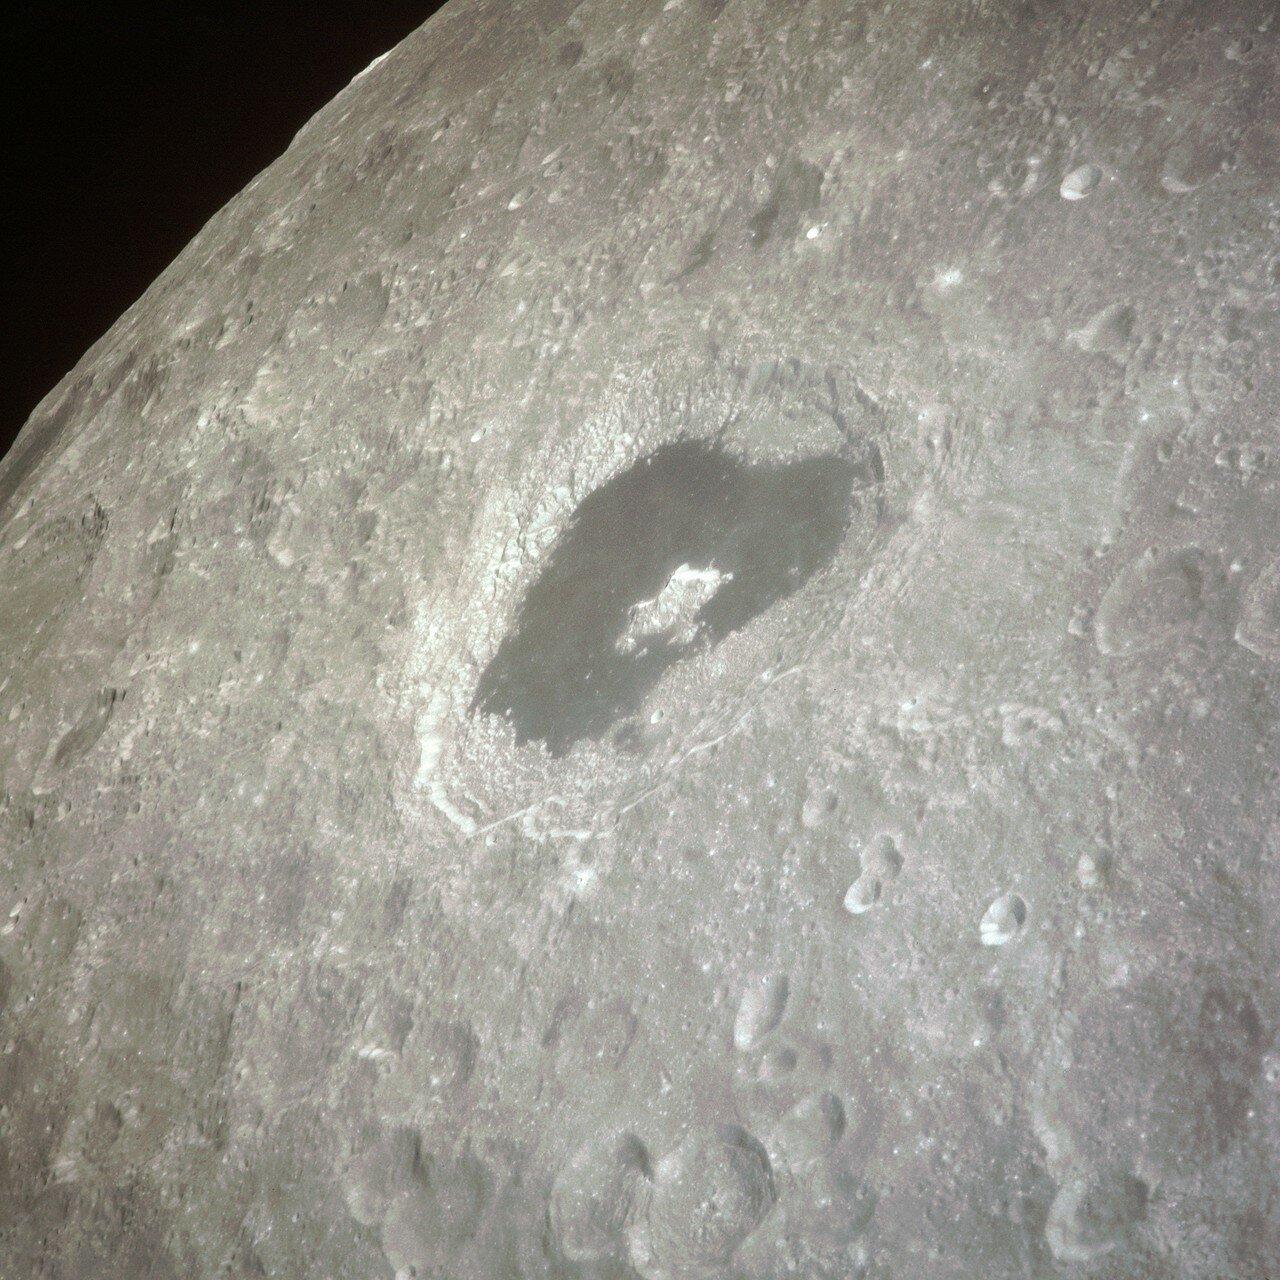 Радиомолчание длилось около 20 минут. Затем Ловелл вместе с Хейзом стал включать системы лунного модуля, готовясь к третьей коррекции, которая называлась «PC+2» На снимке: Кратер Циолковского